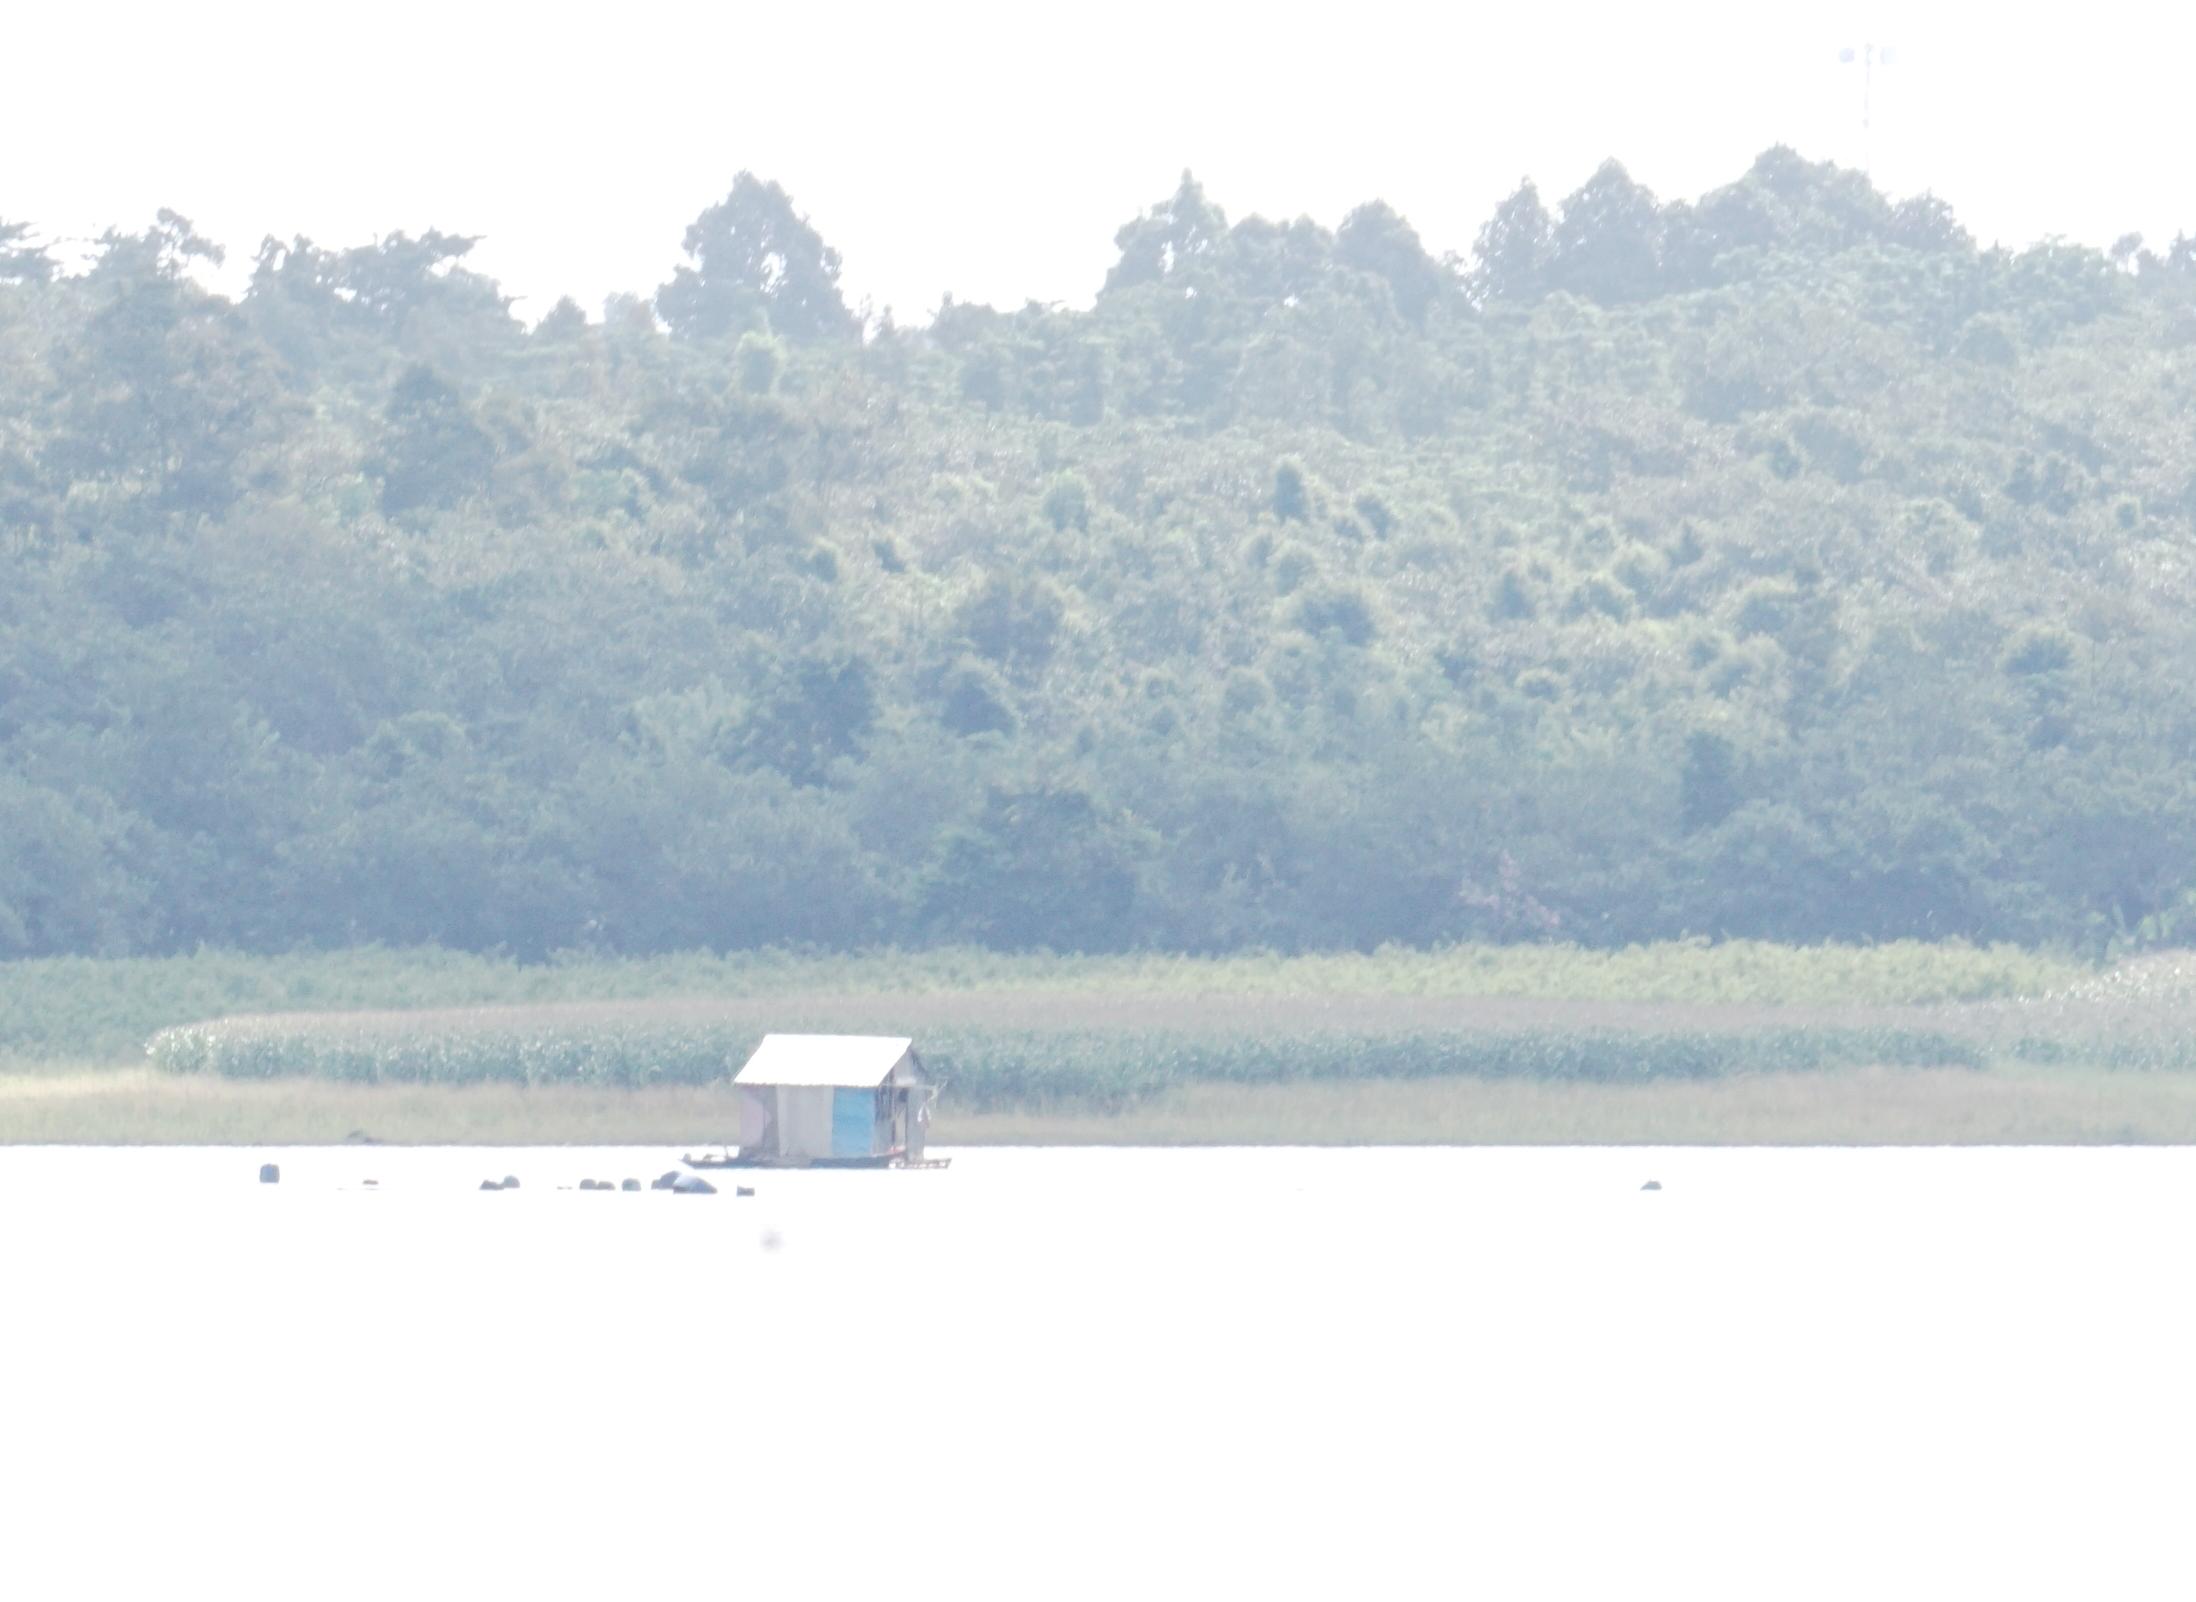 Hồ chứa nước, nơi xảy ra vụ tai nạn thương tâm